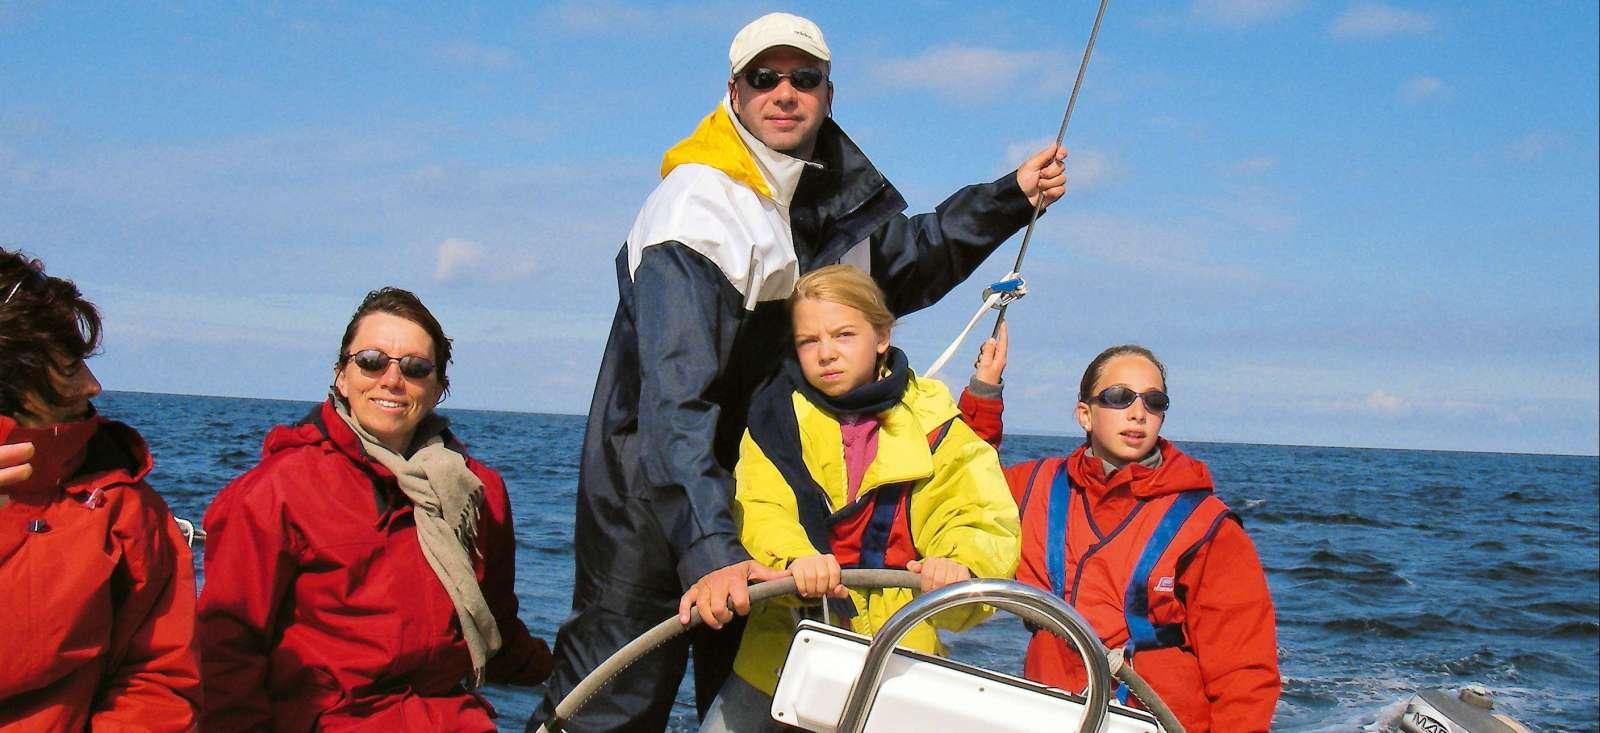 Voyage sur l'eau : Piraterie chez les anglo-normands !